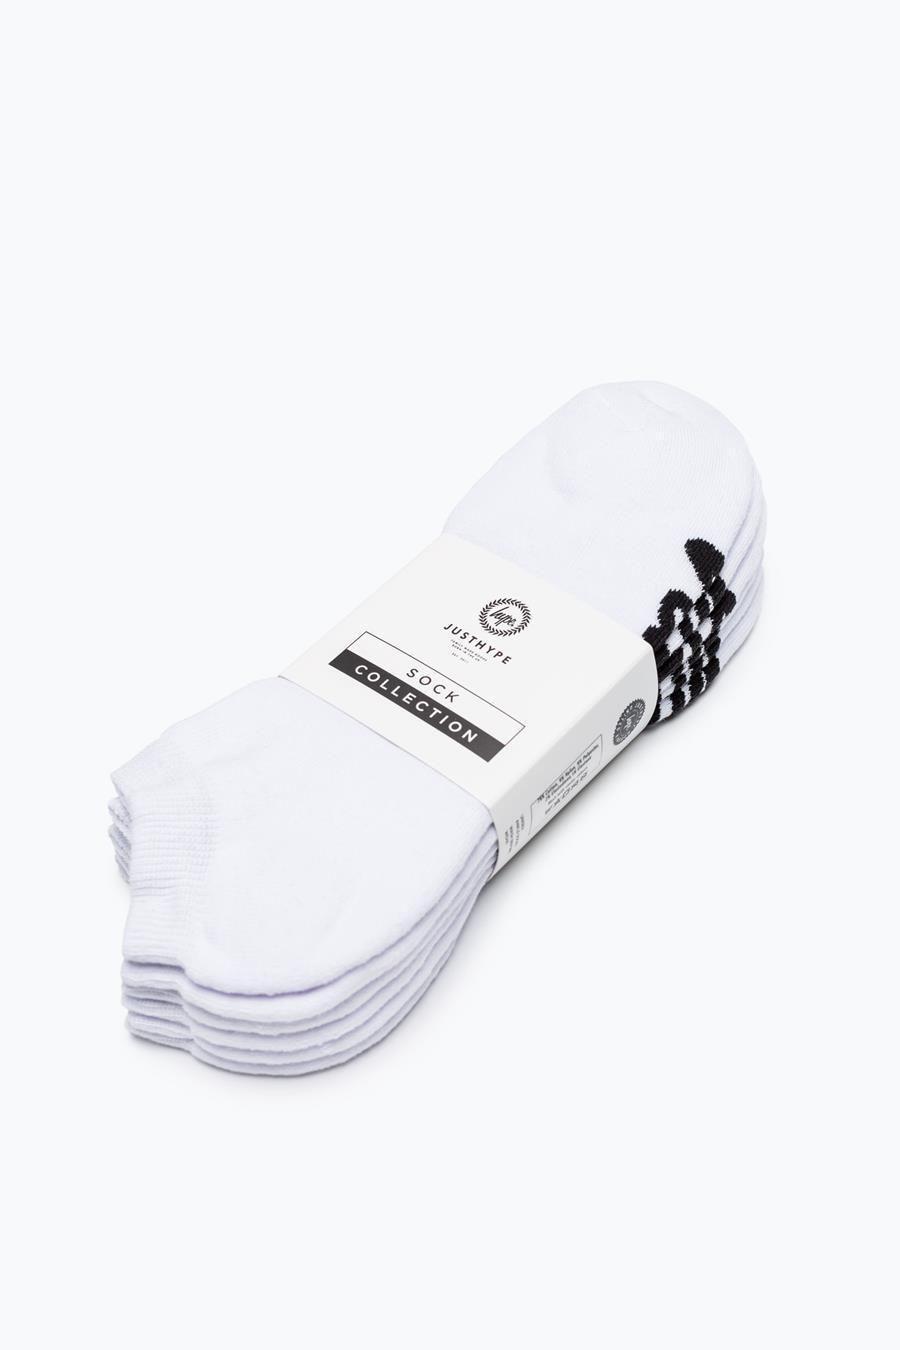 Hype White Script Ankle Socks X3 Pack